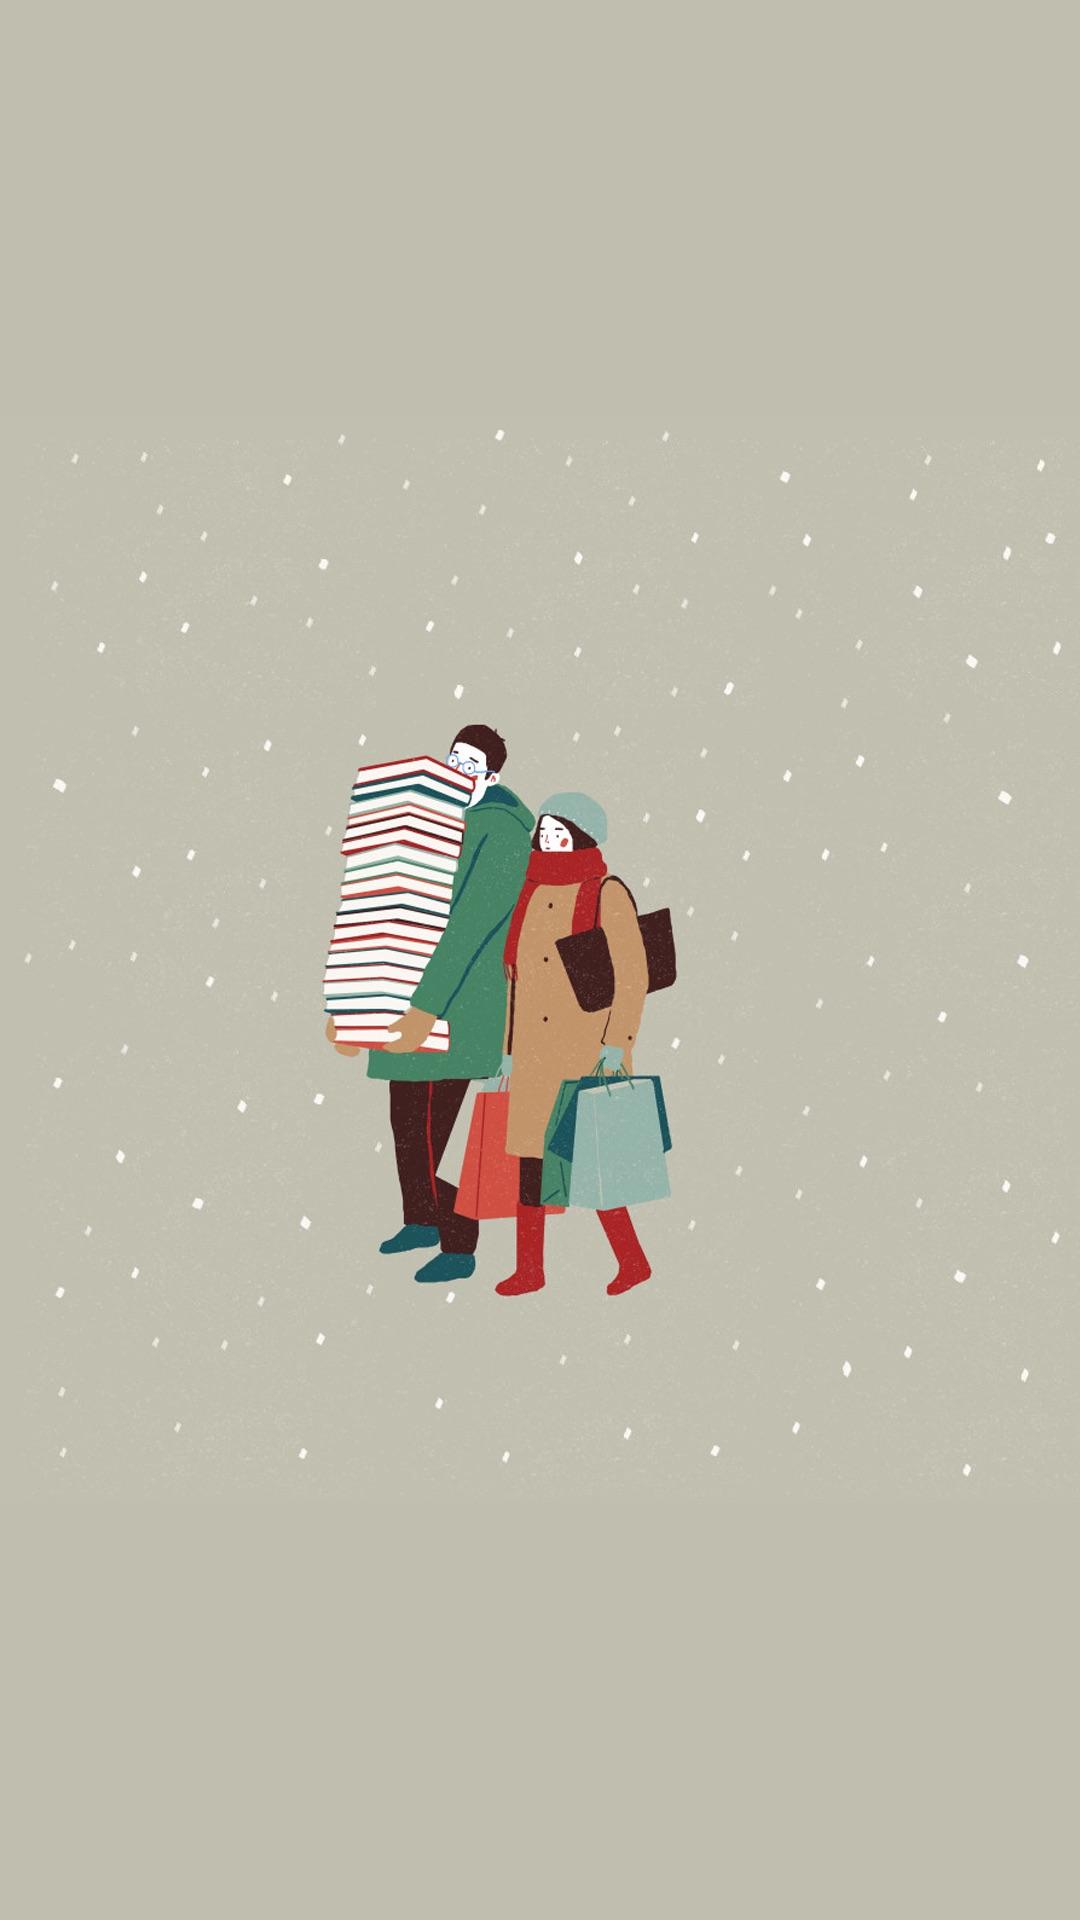 情侣 爱情 插画 手绘 苹果手机高清壁纸 1080x1920